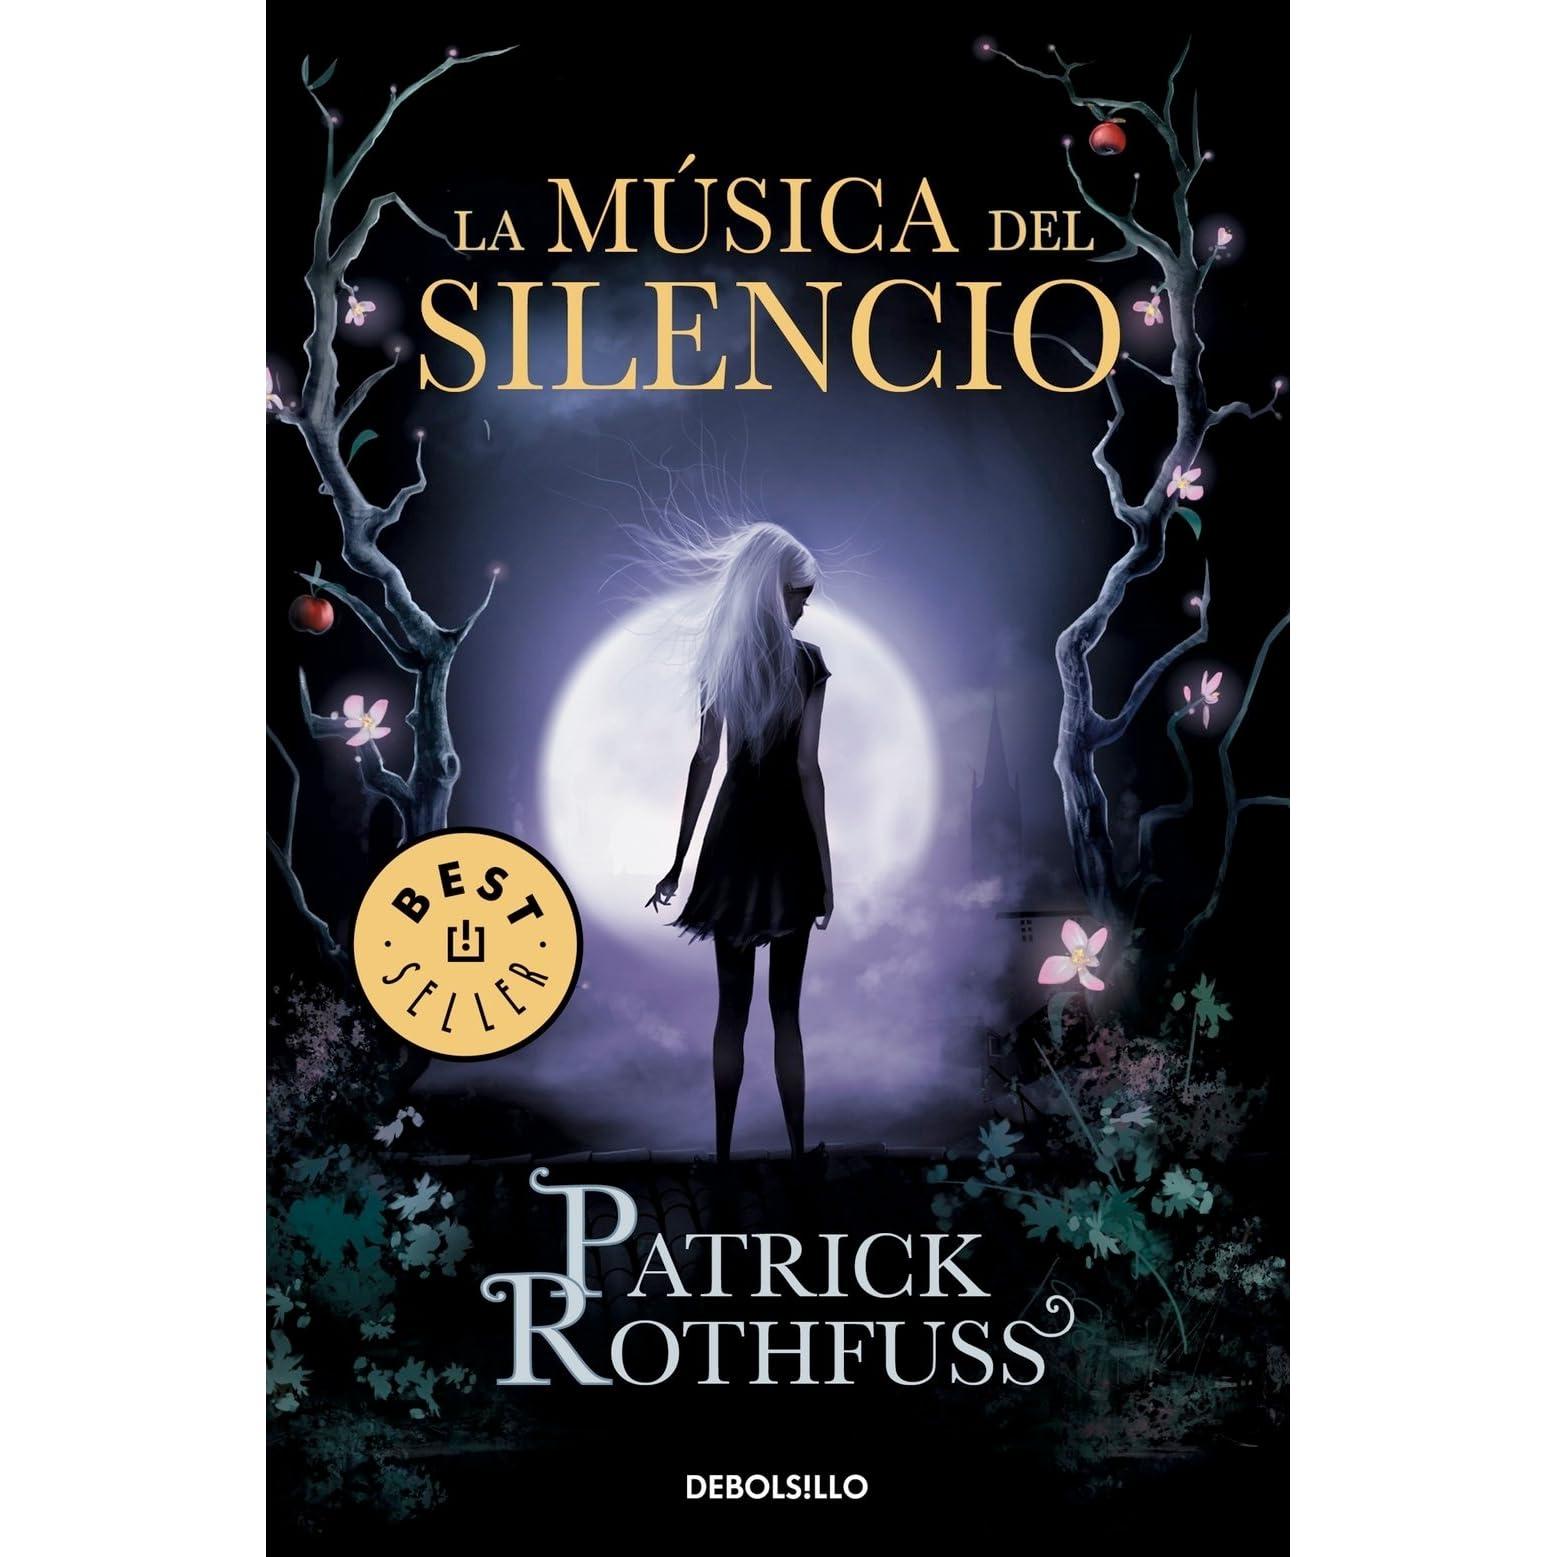 Thumbnail for a review of La música del silencio